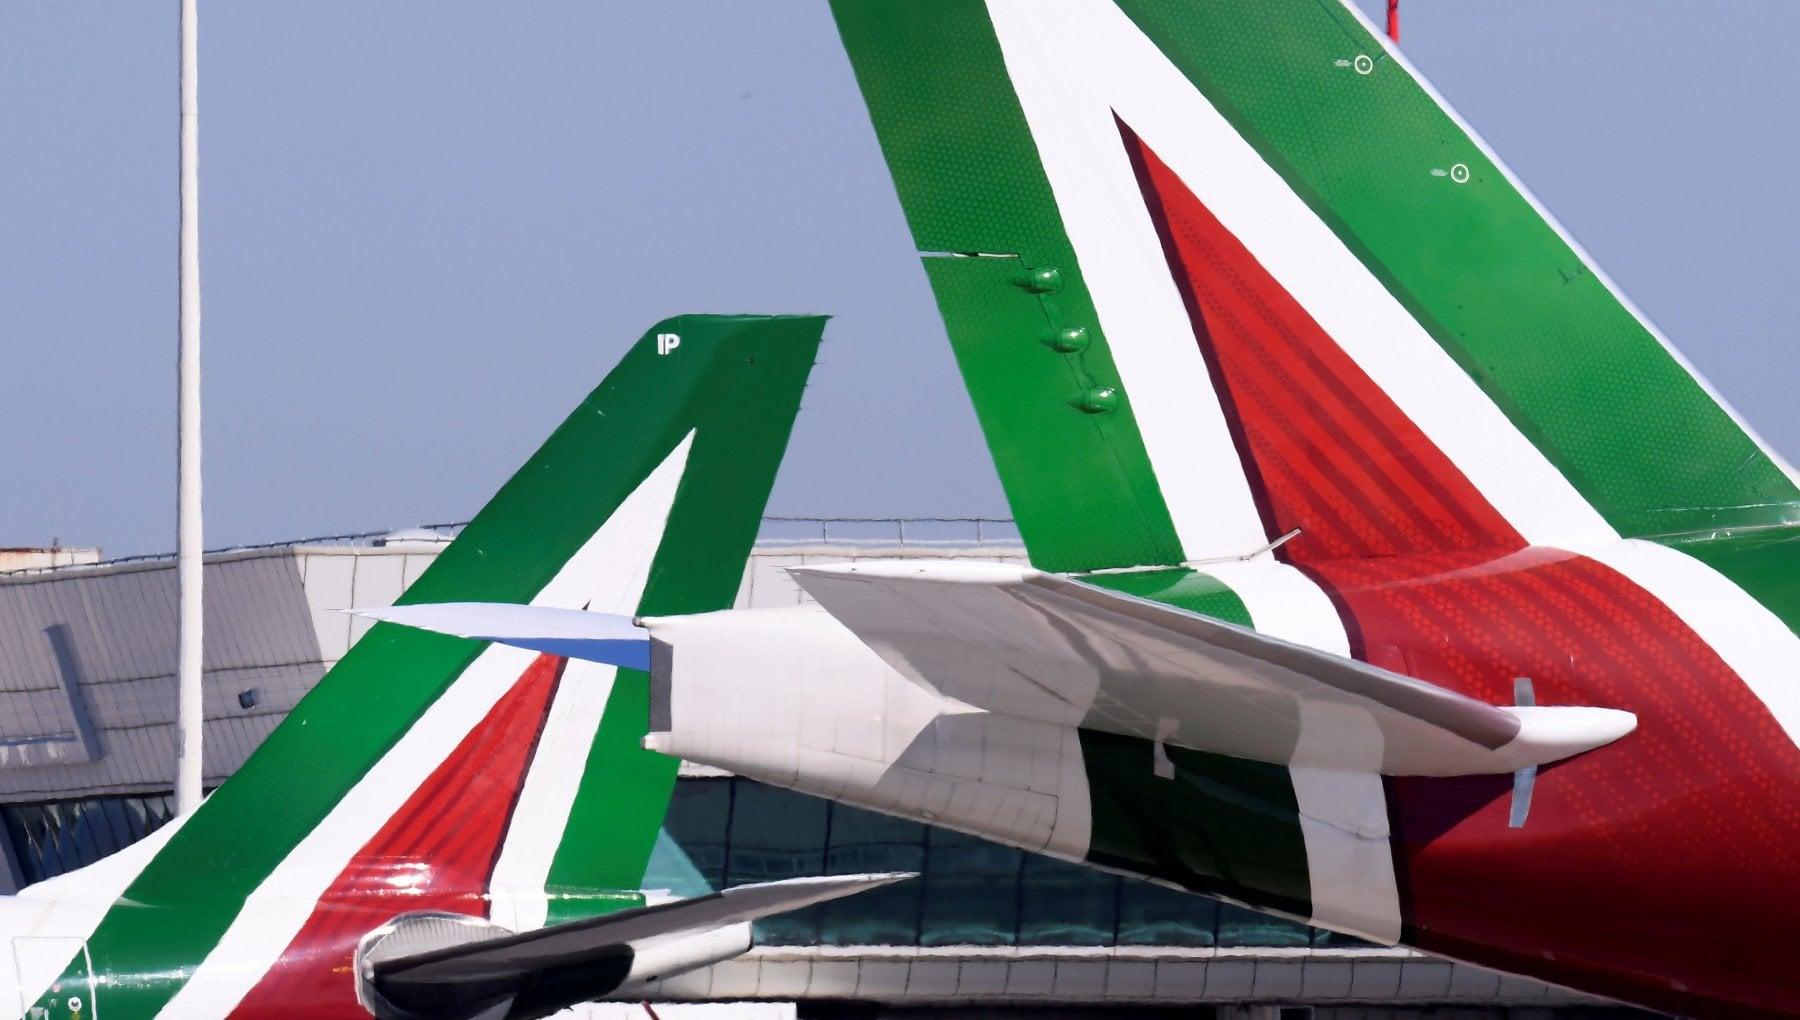 Roma atterrato a Fiumicino il primo volo Covid tested da New York